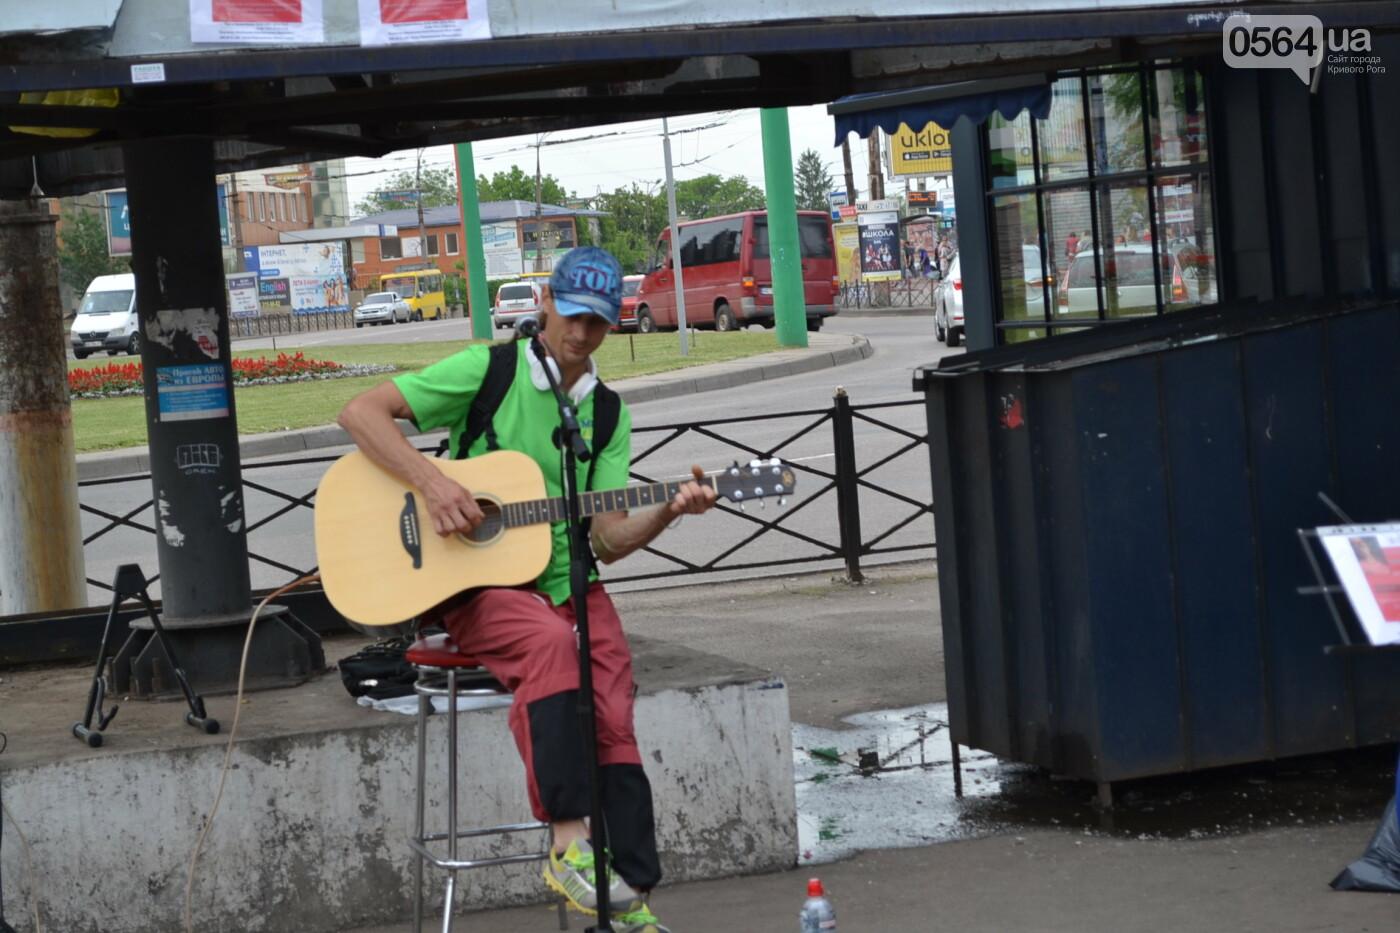 Концерт от Madisan Rock Club: криворожские музыканты поддержали юную Алину Михалковскую, - ФОТО, ВИДЕО, фото-16